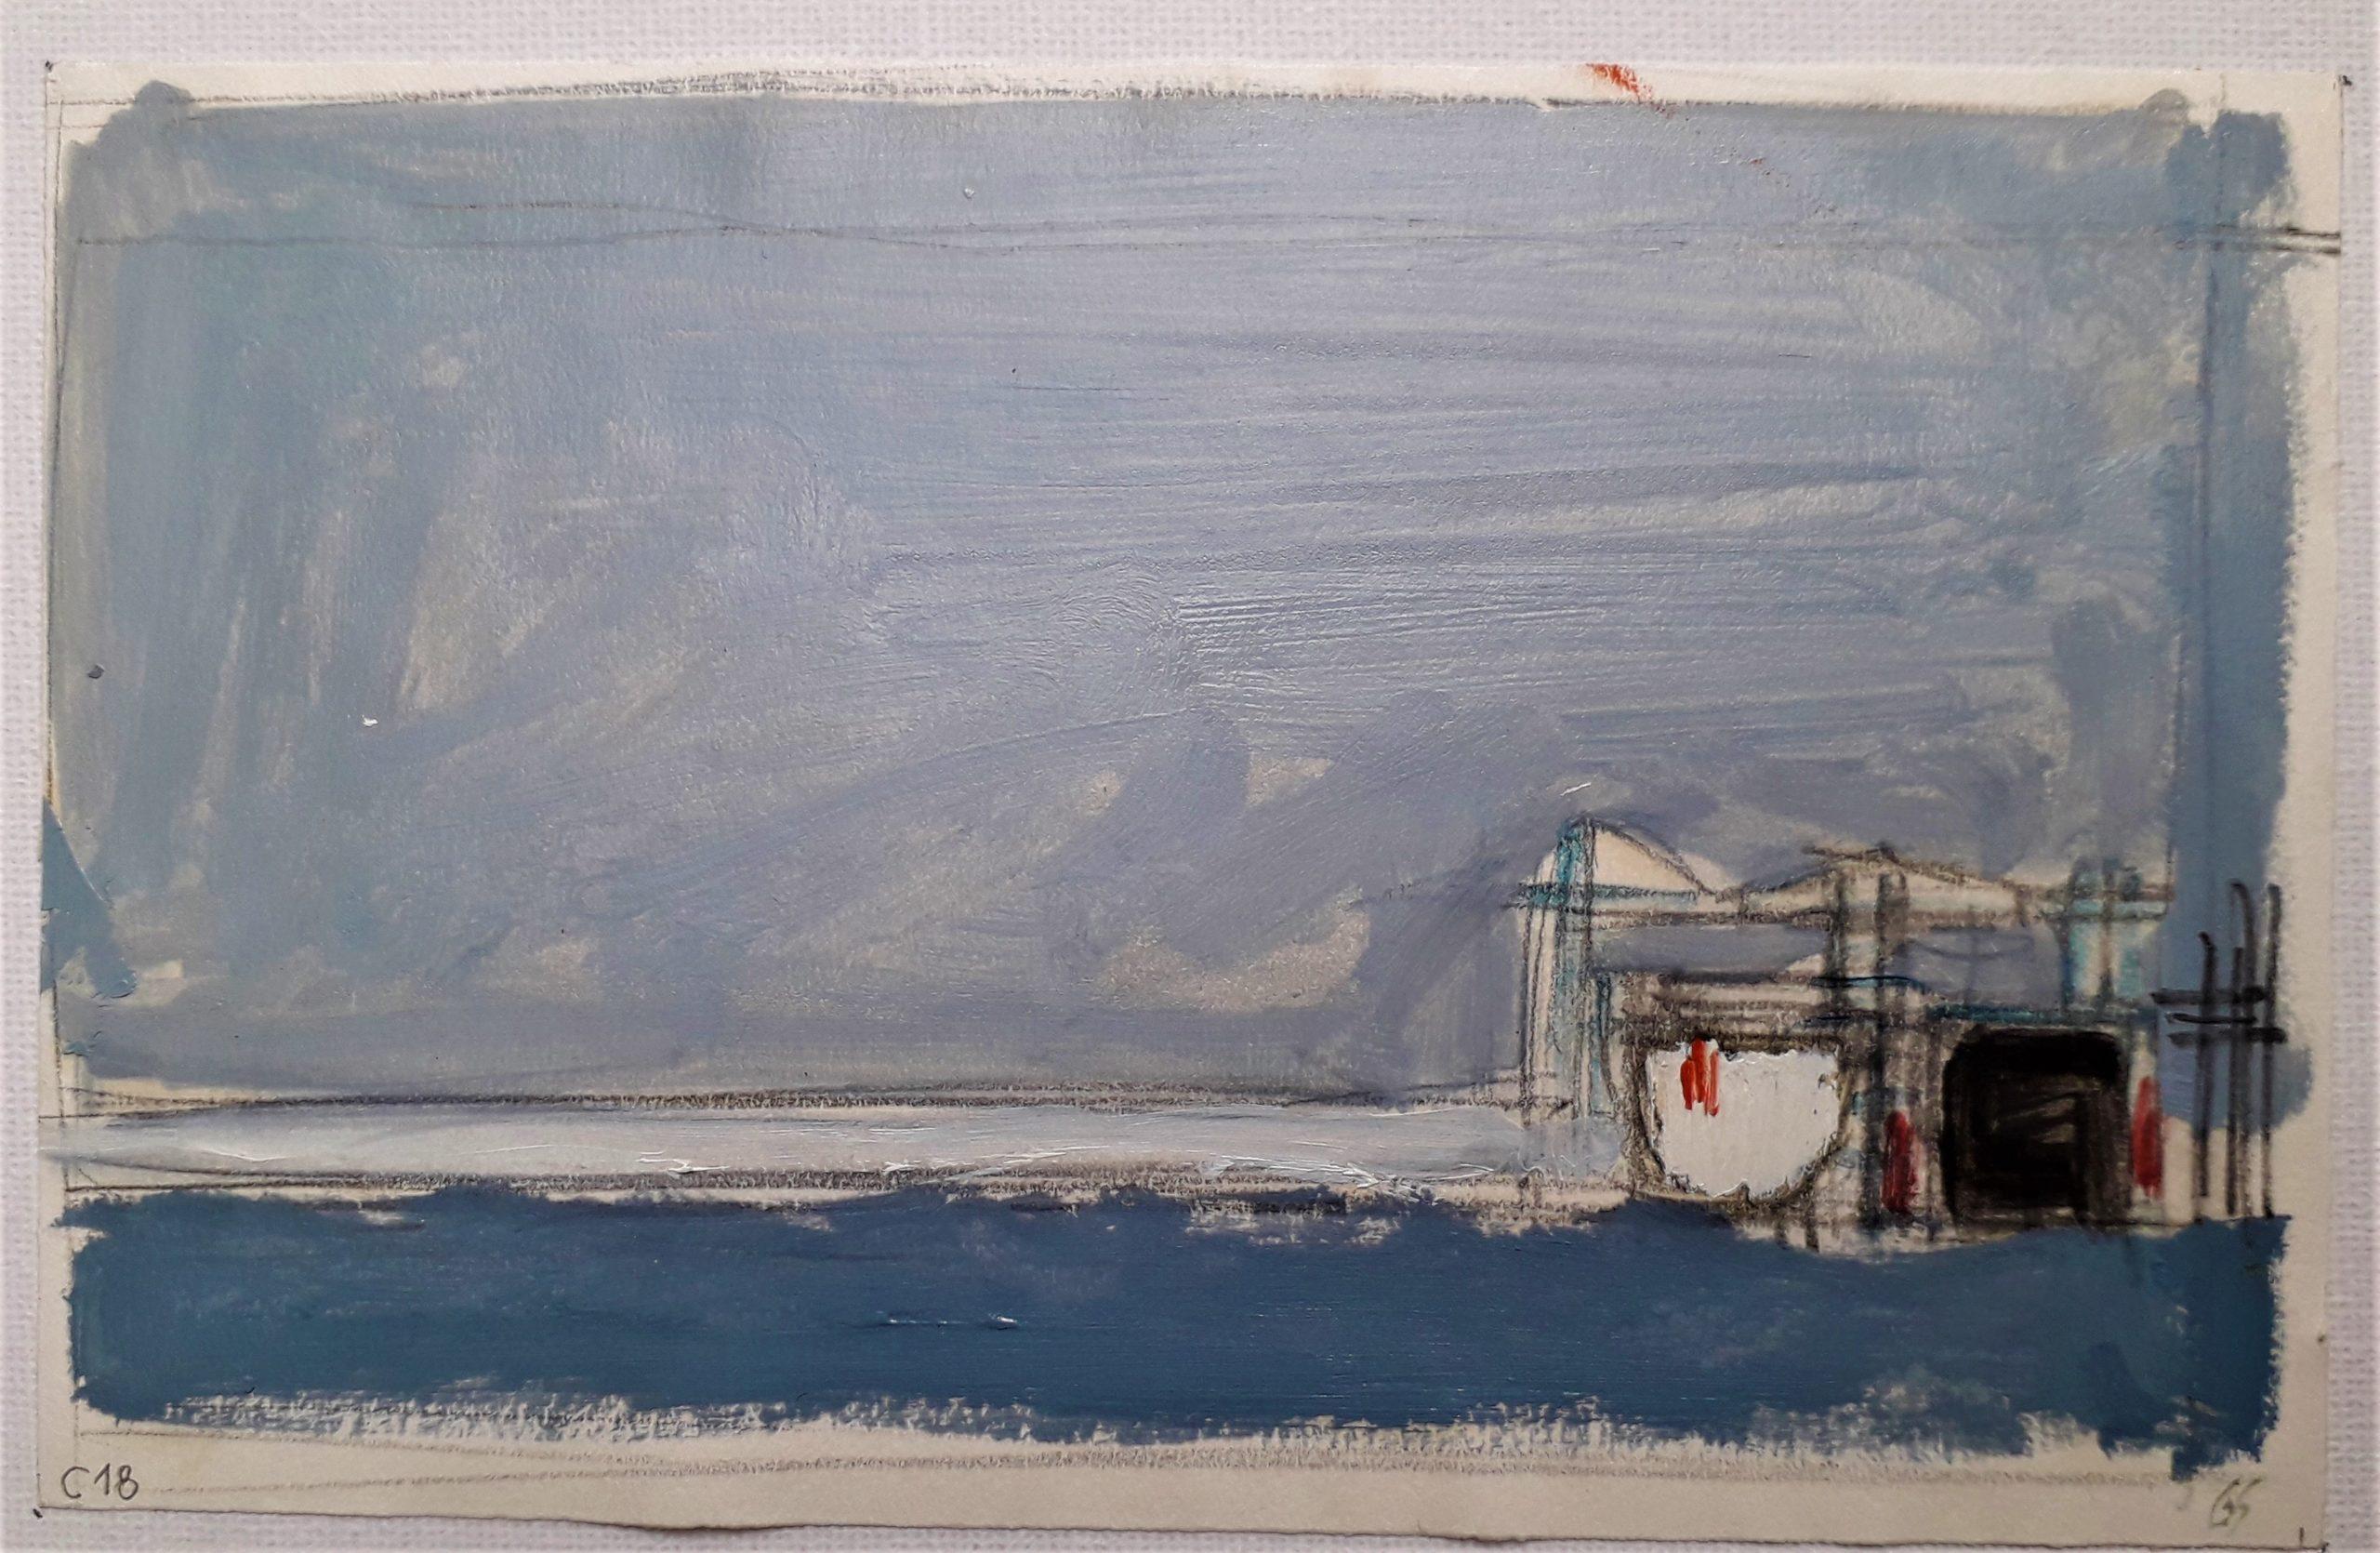 singer-gerard-la-ciotat-chantier-naval-c18